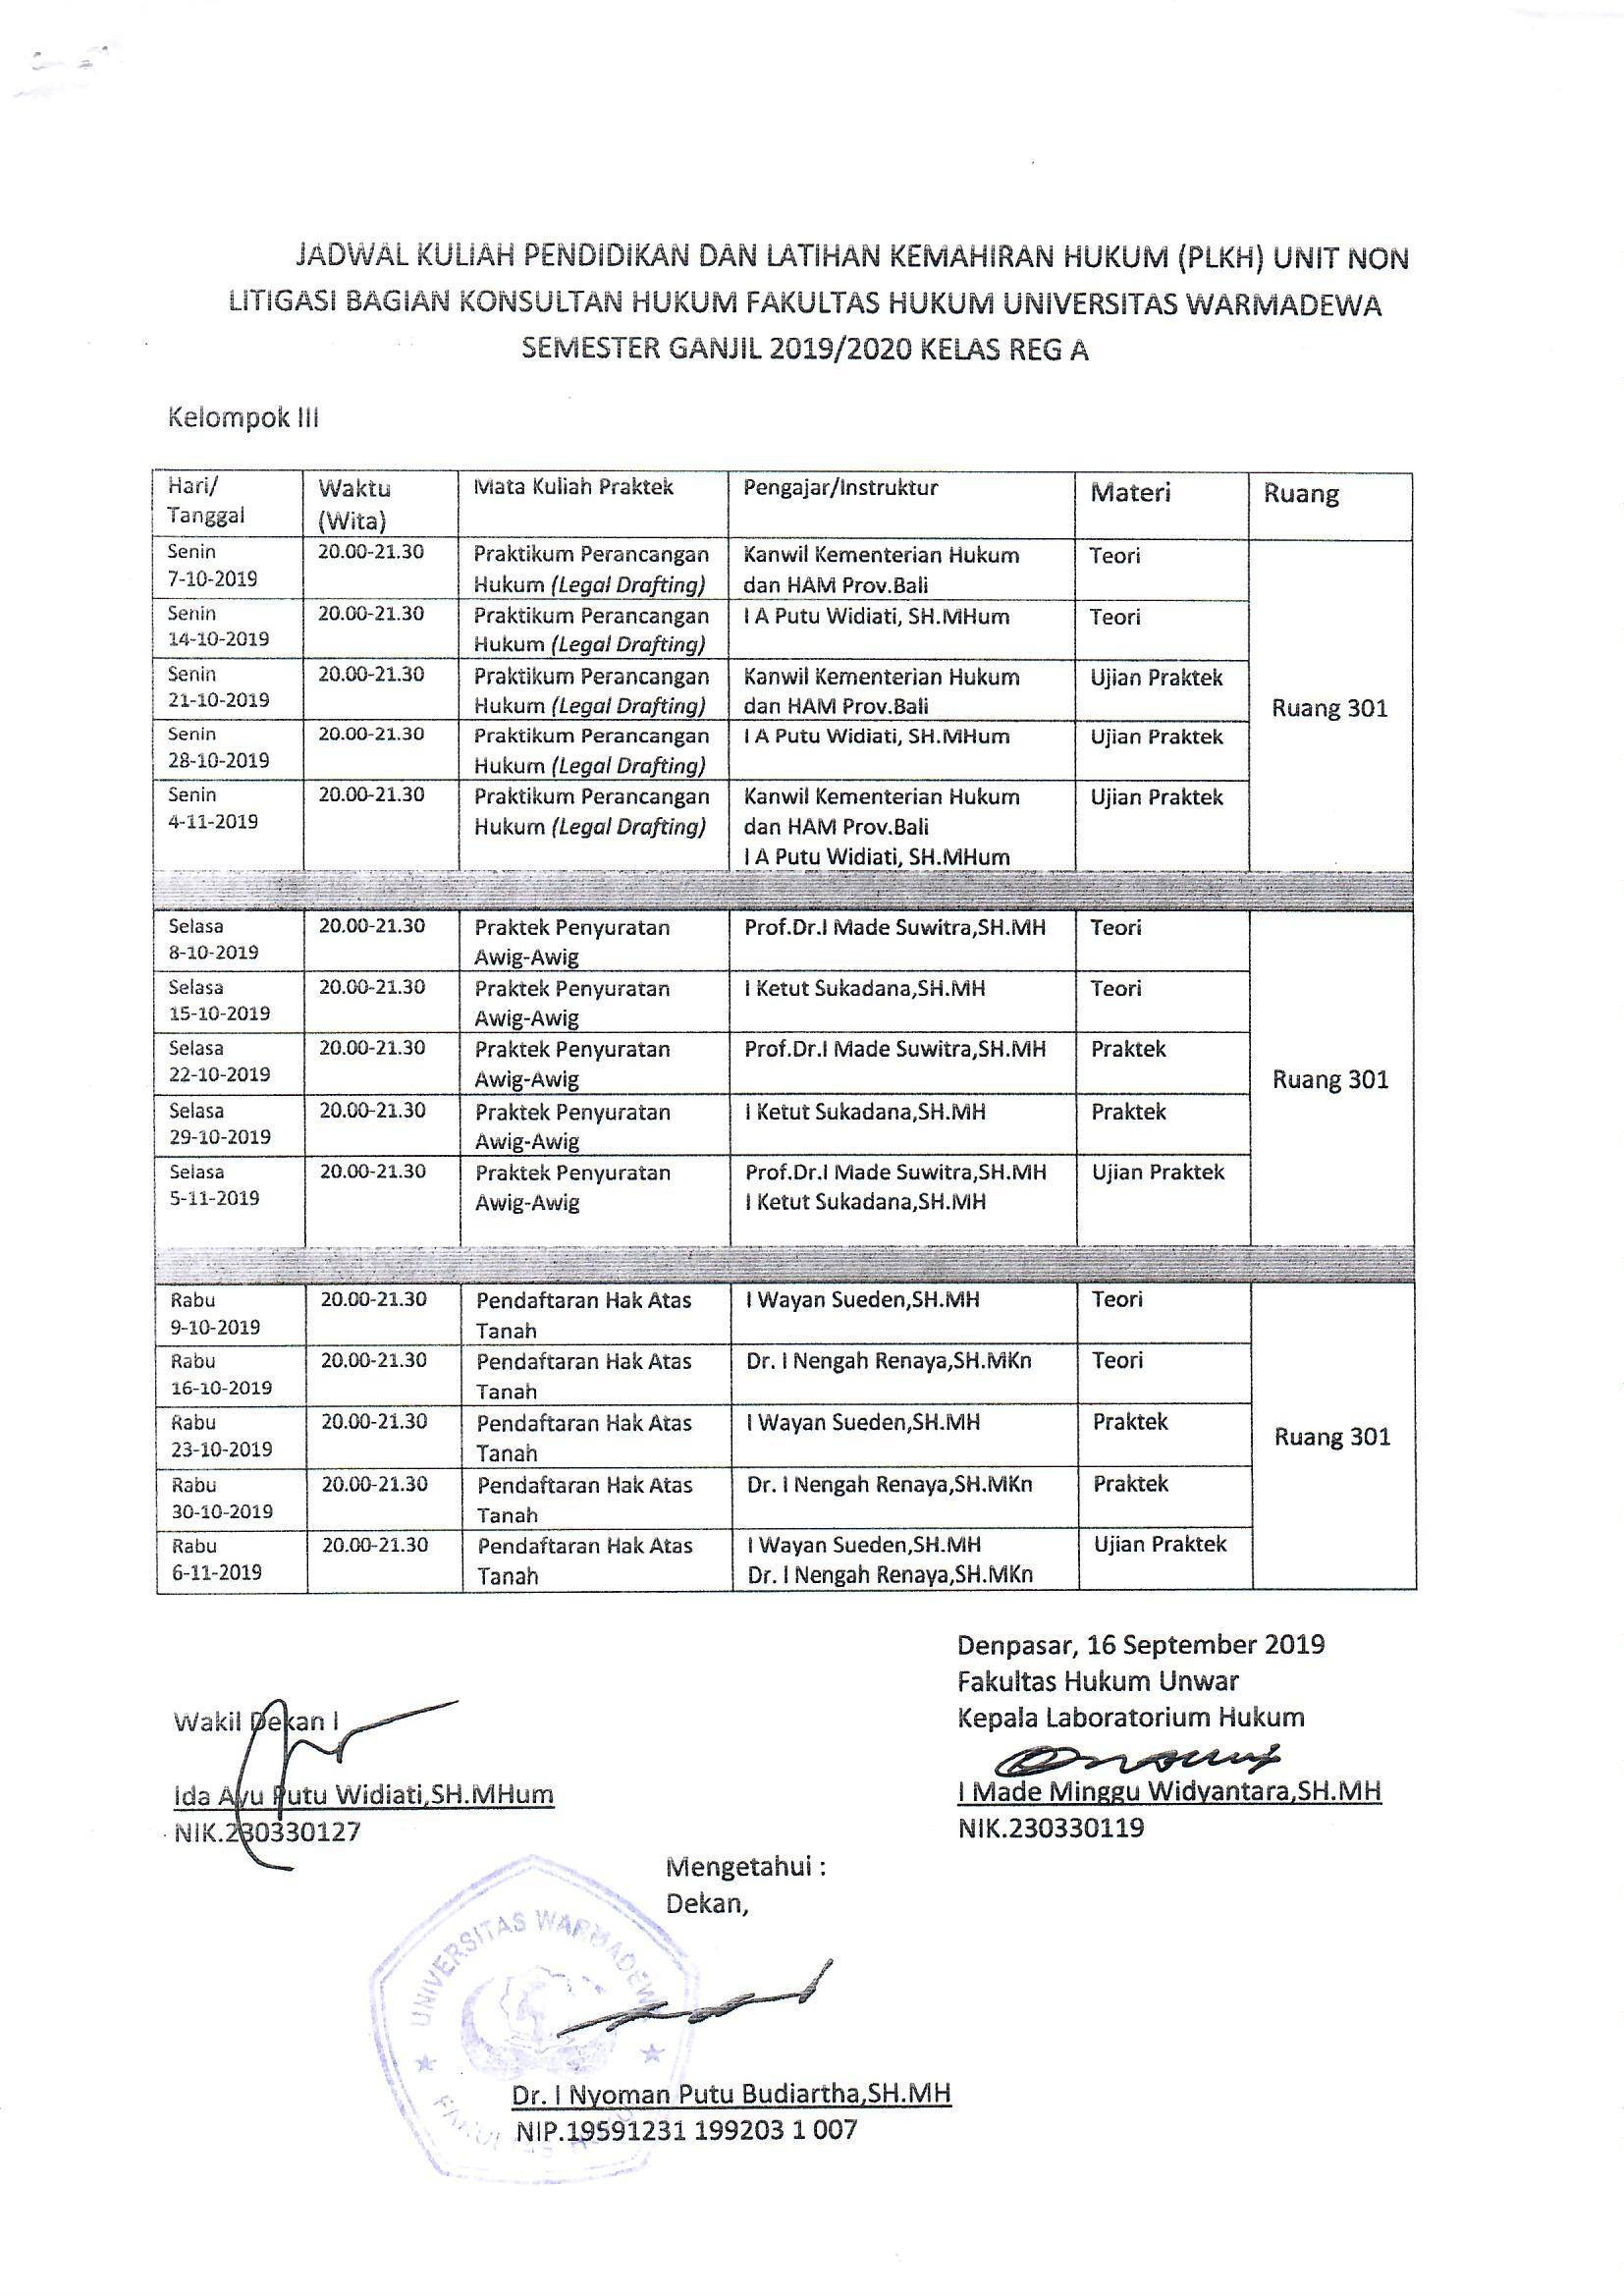 Jadwal Kuliah (PLKH) Bisnis Fakultas Hukum Universitas Warmadewa Kuliah Pendidikan dan Latihan Kemahiran Hukum (PLKH) Unit Non Litigasi Bagian Konsultas Hukum Fakultas Hukum Universitas Warmadewa Semester Ganjil 2019/2020 Kelas Reg A (Kelompok 3))